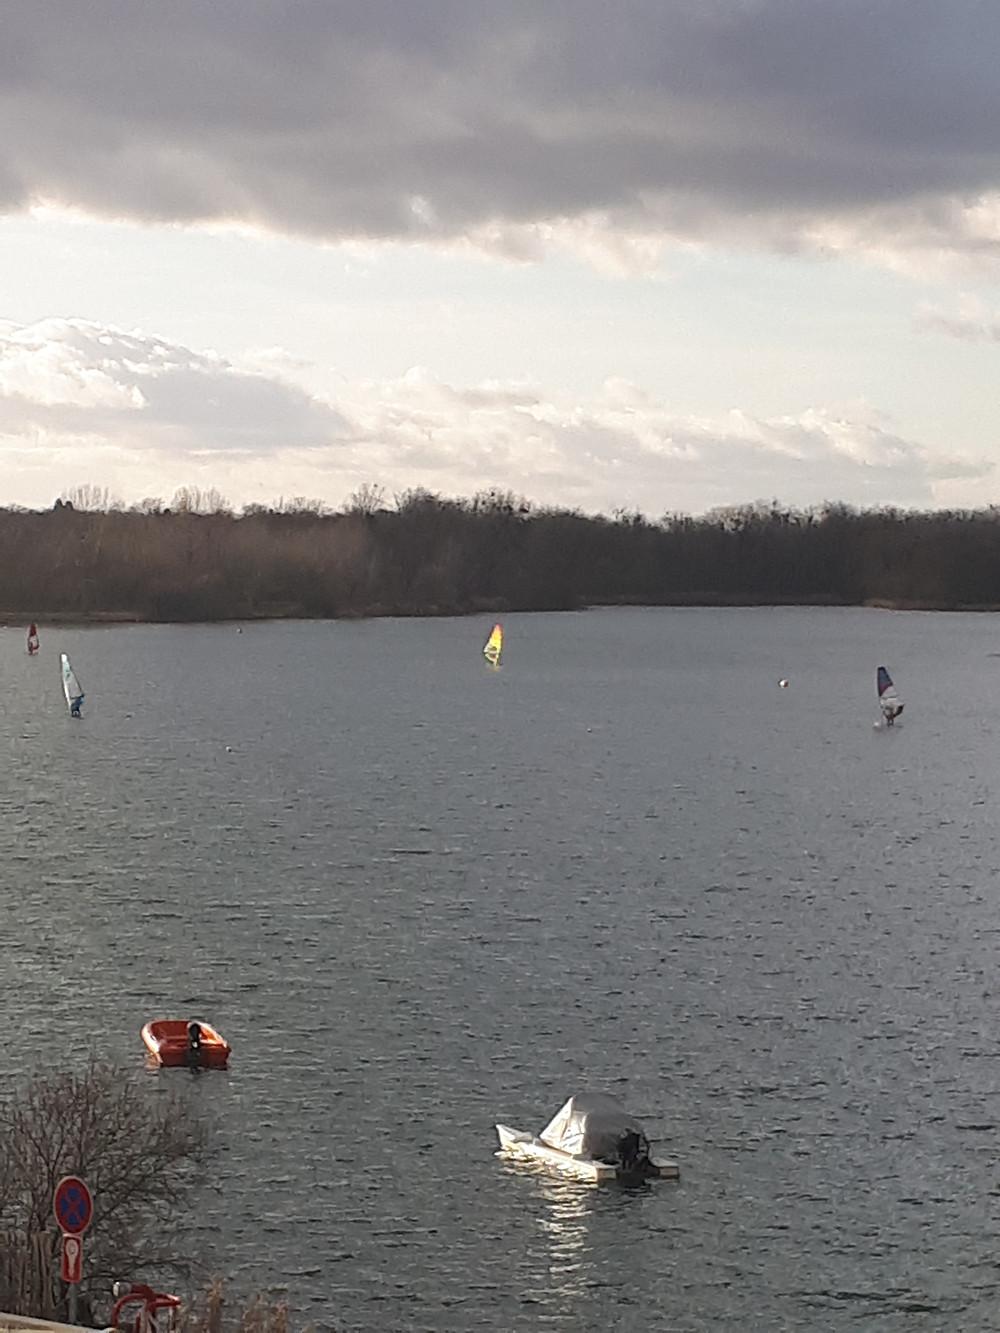 Photographie du lac de Vaires-sur-Marne sur laquelle des bateaux sont attachés et des planches à voiles naviguent au vent.